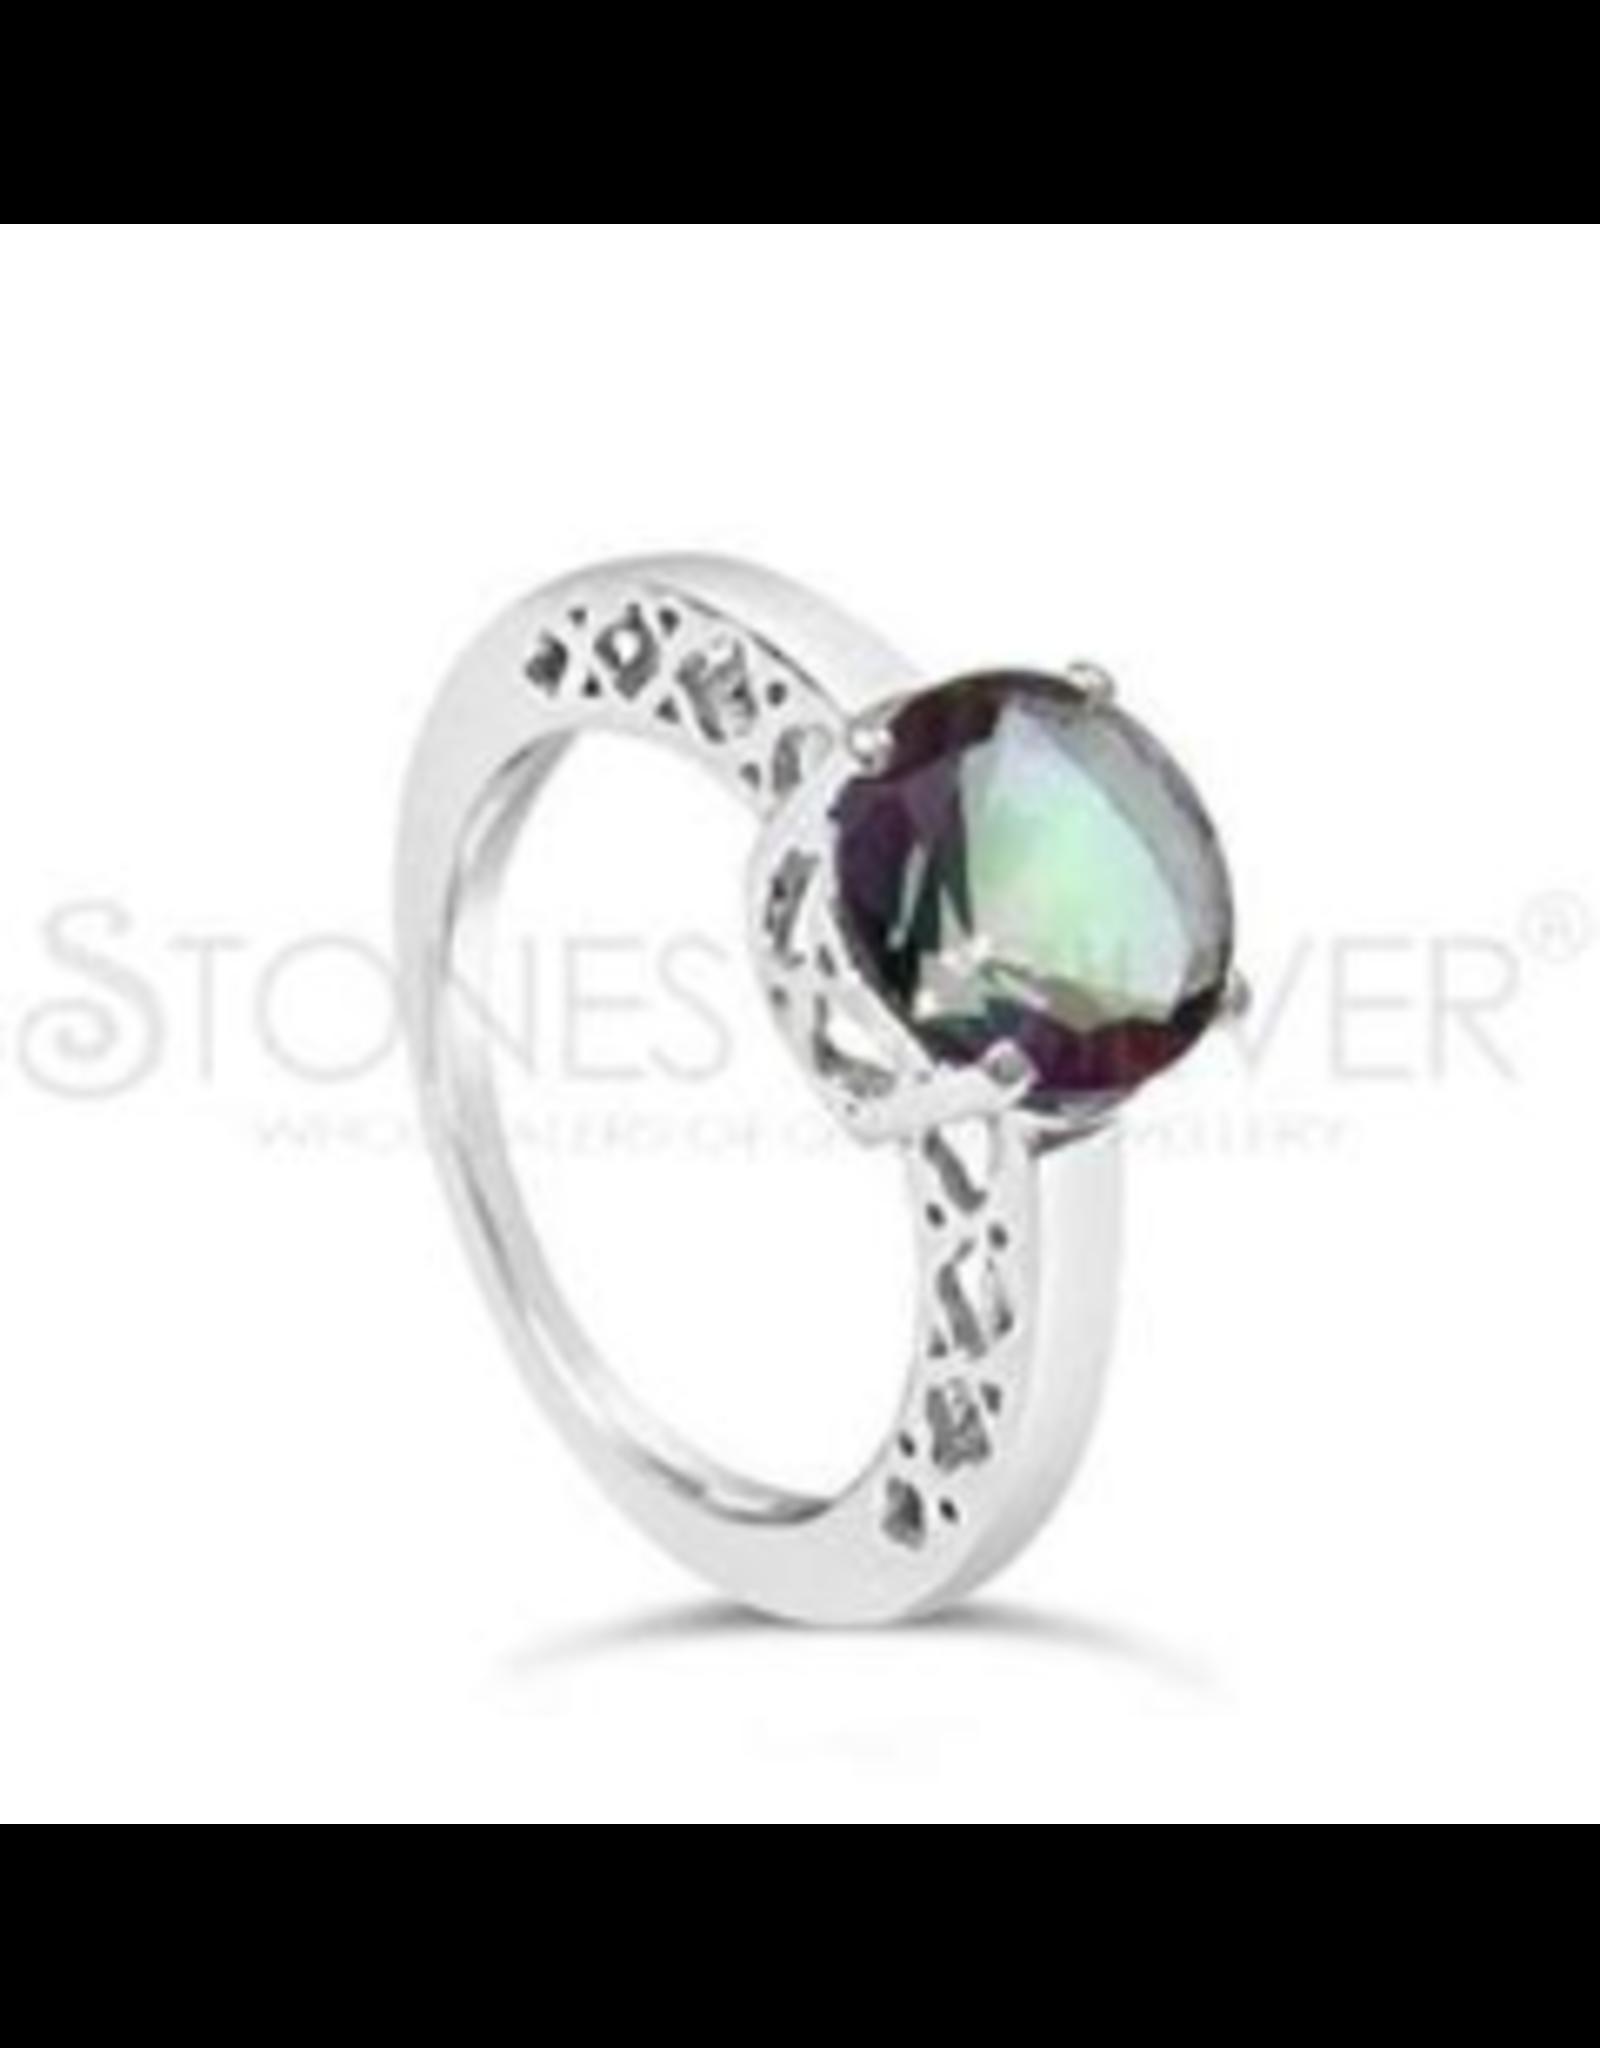 Stones & Silver Mystic Quartz Ring